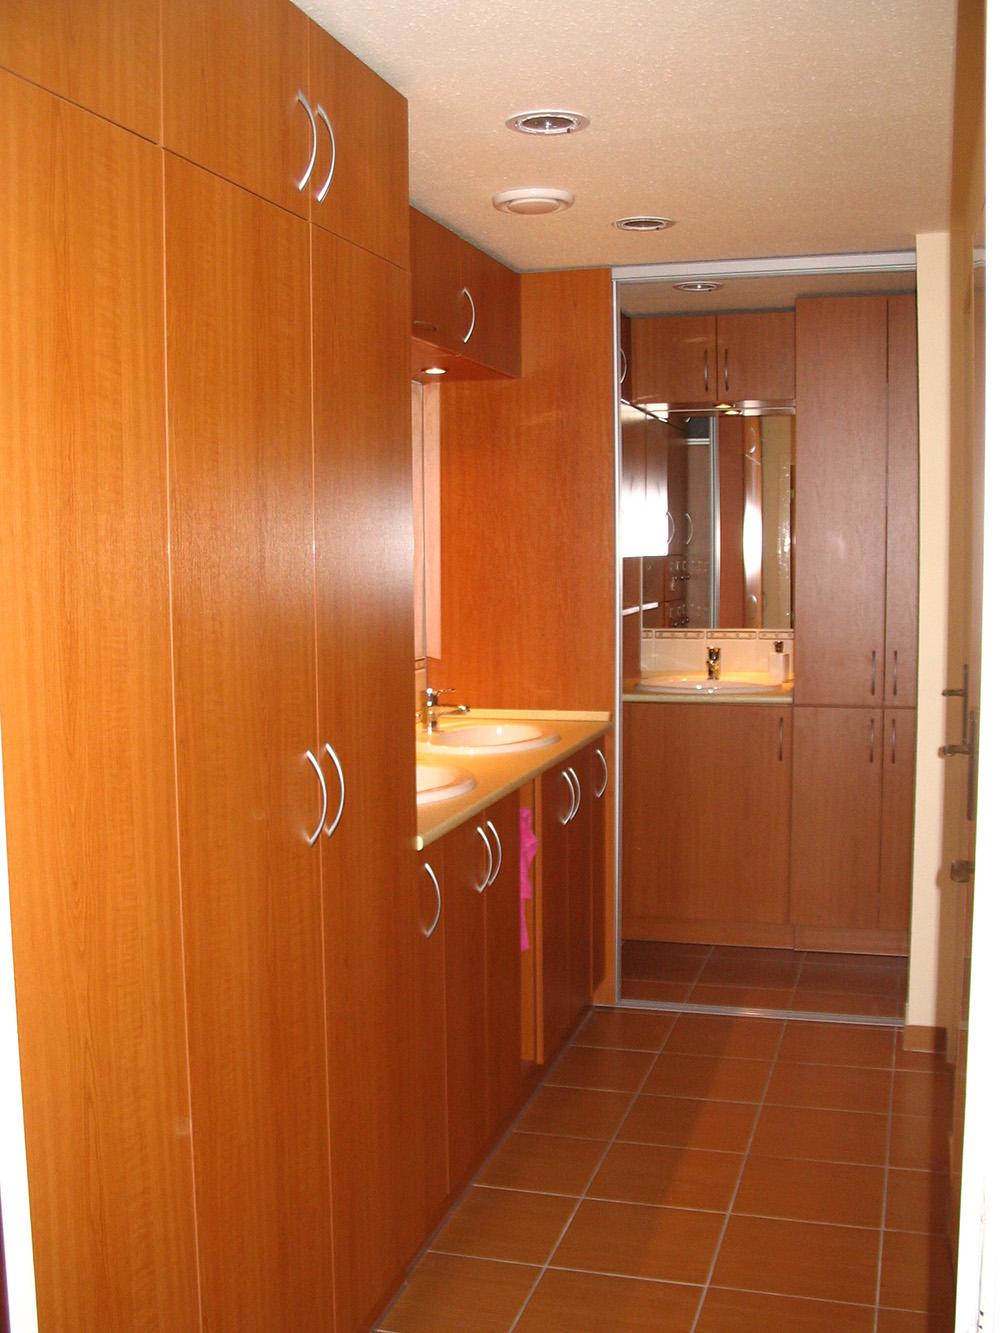 Fürdőszobabútor - fürdő szekrénysor cseresznye színben